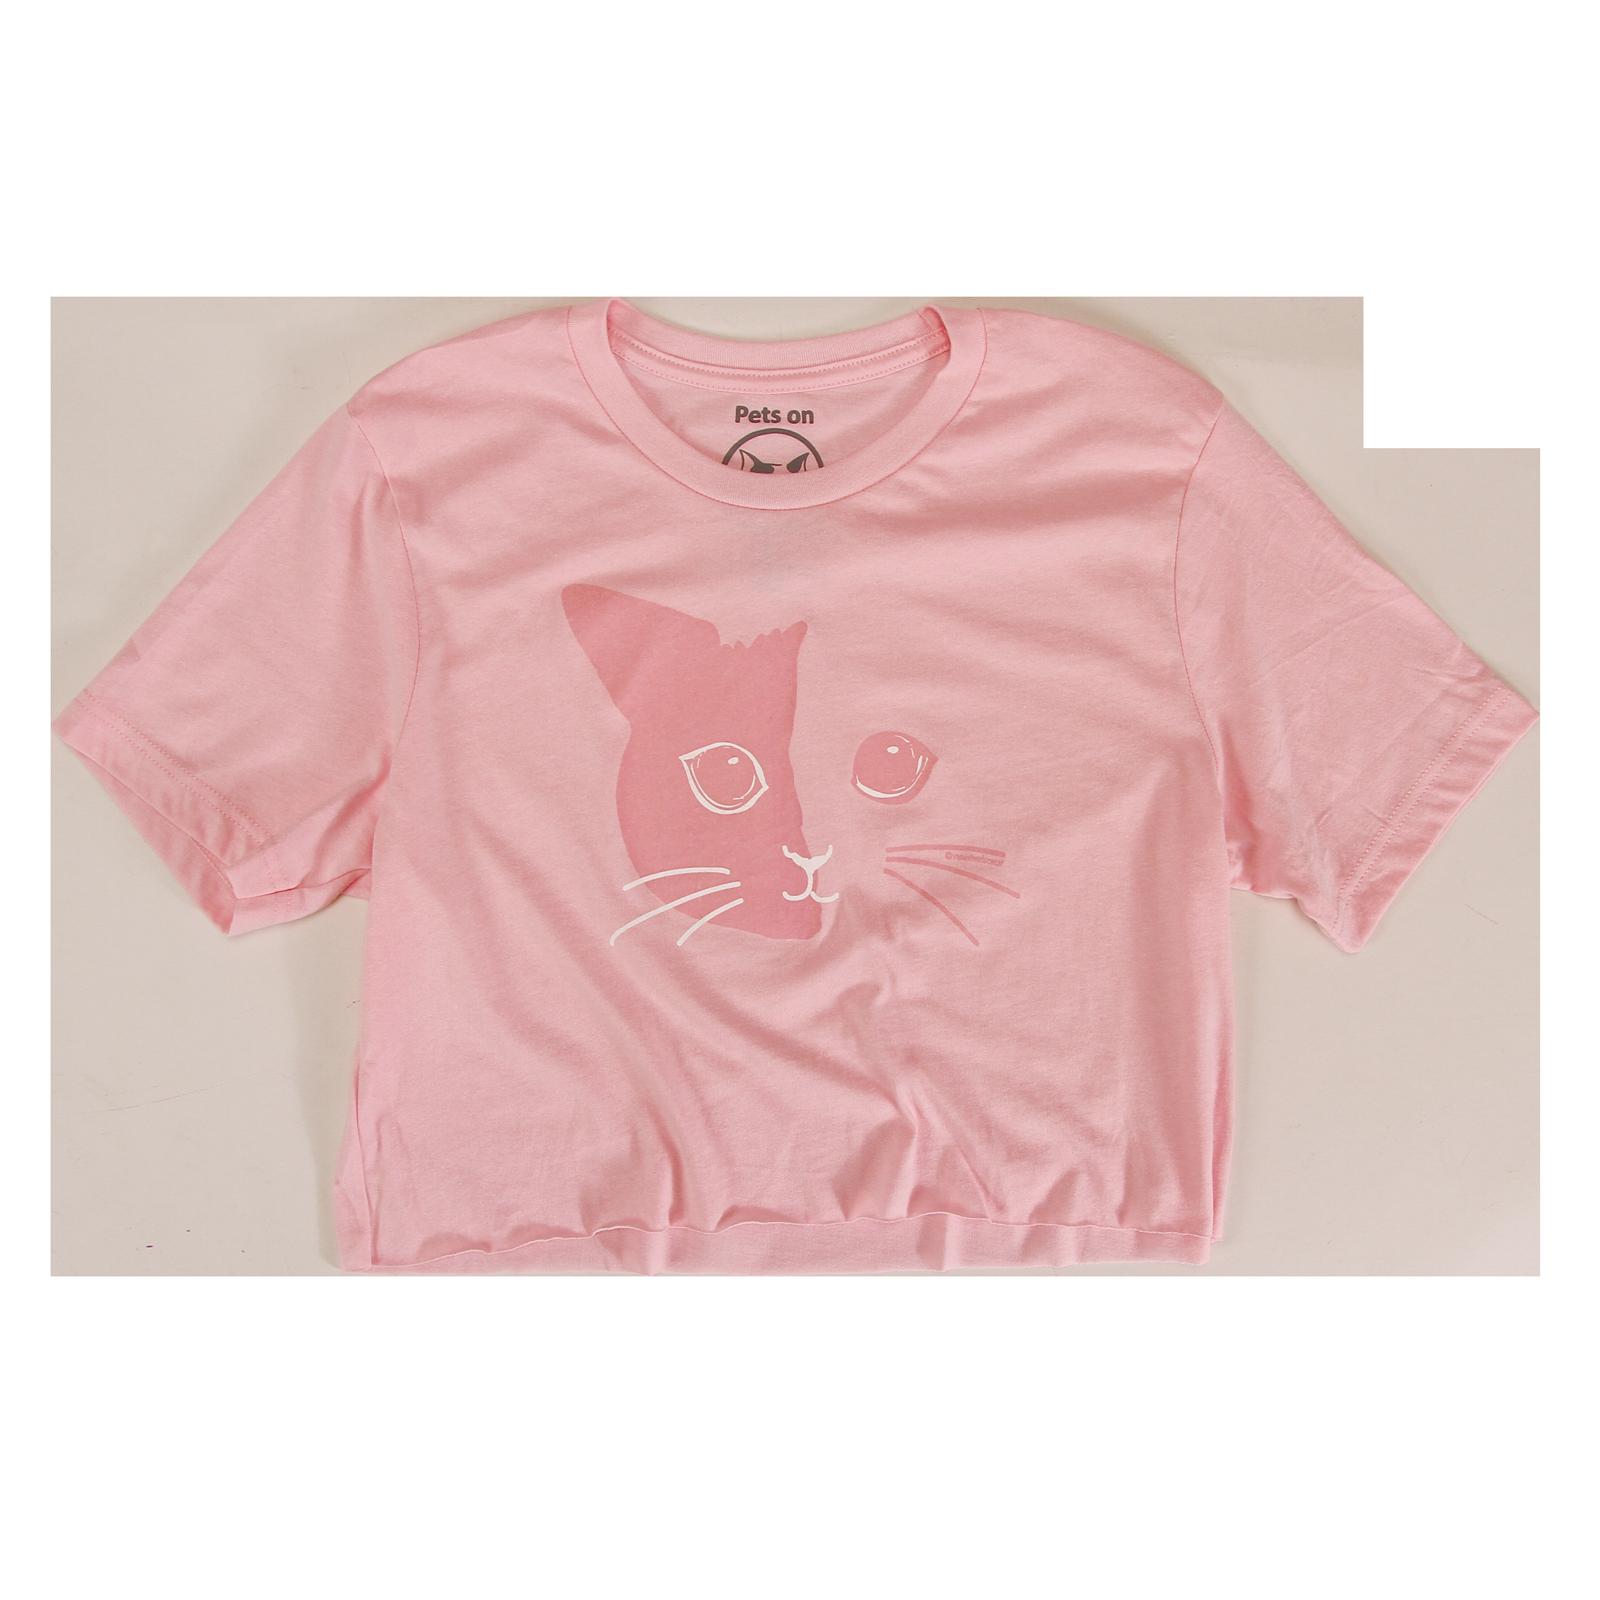 Venus - Tonal Pink Crop Tee